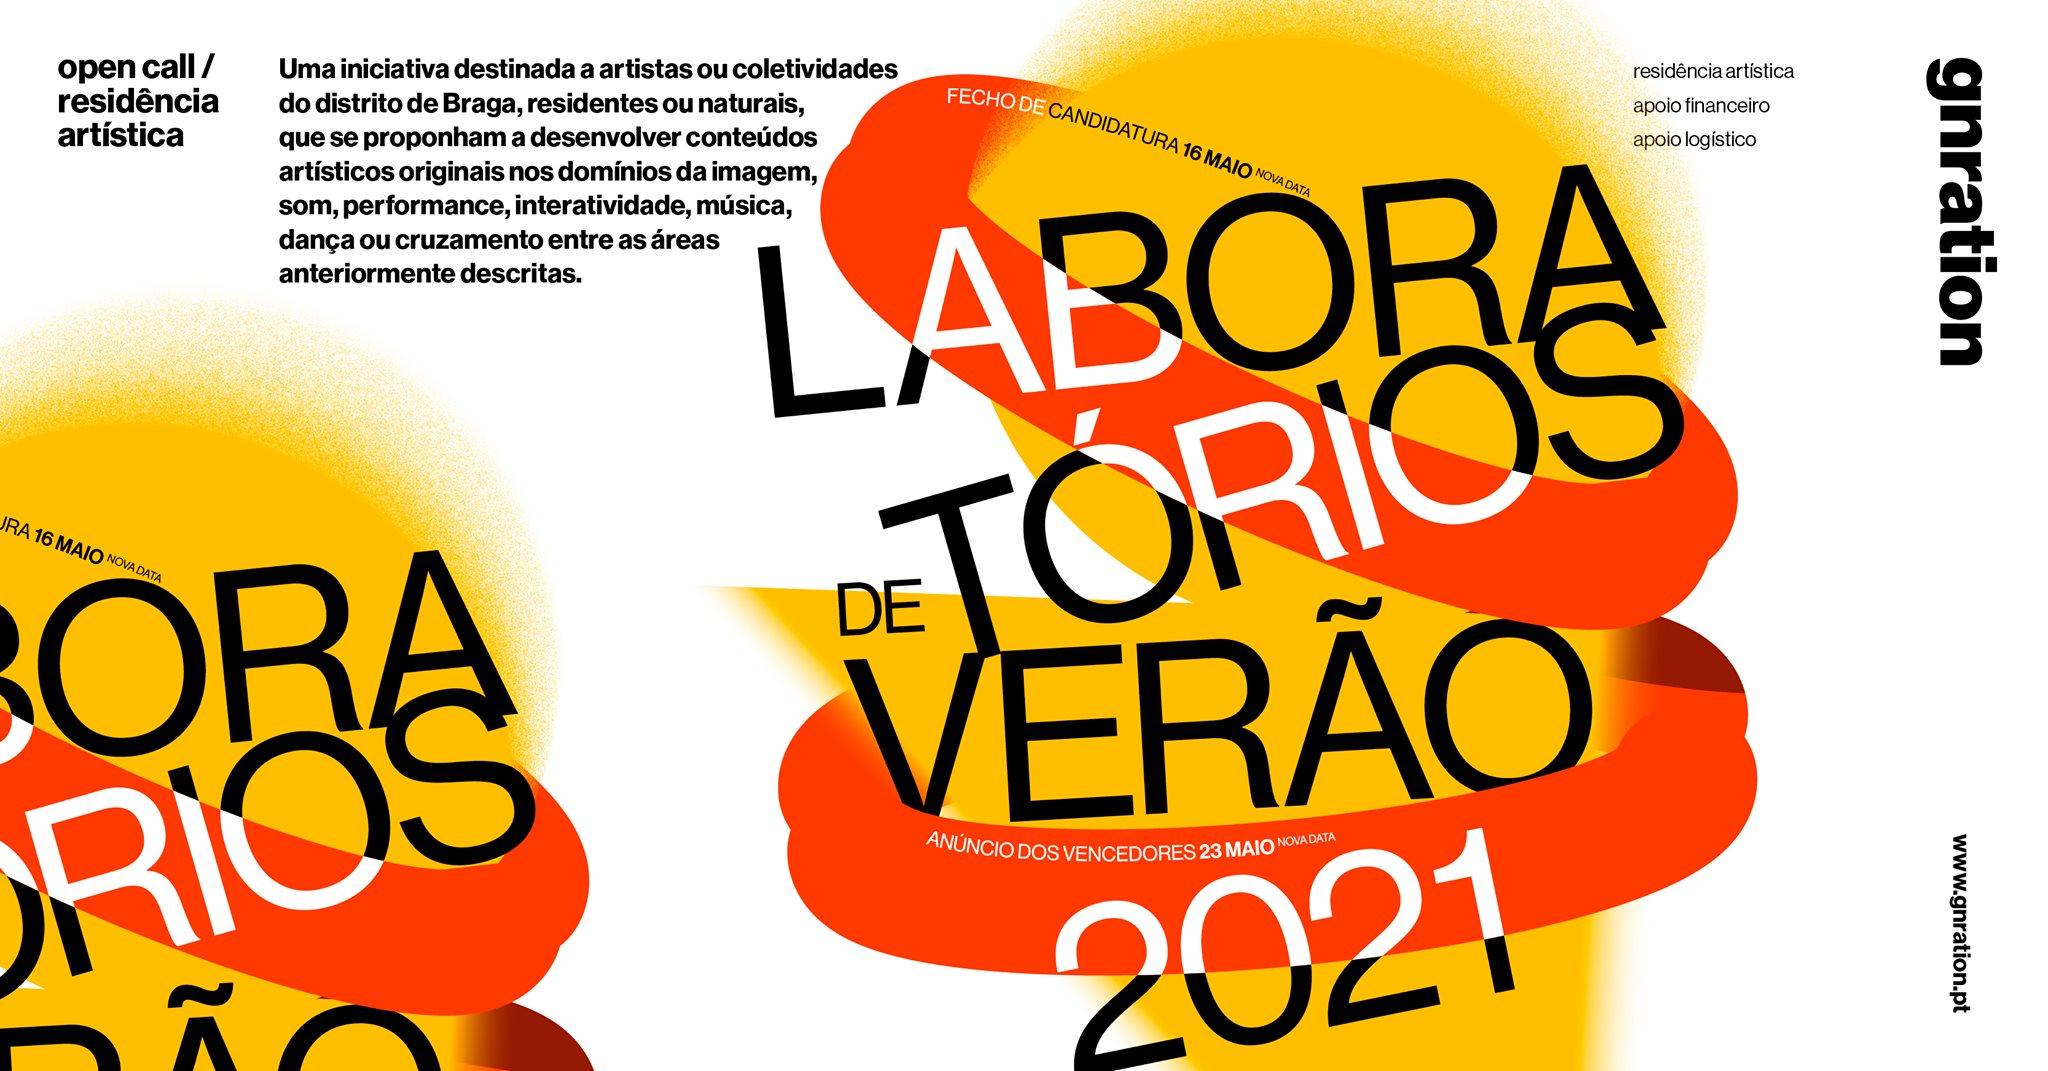 Laboratórios de Verão 2021 - open call | gnration